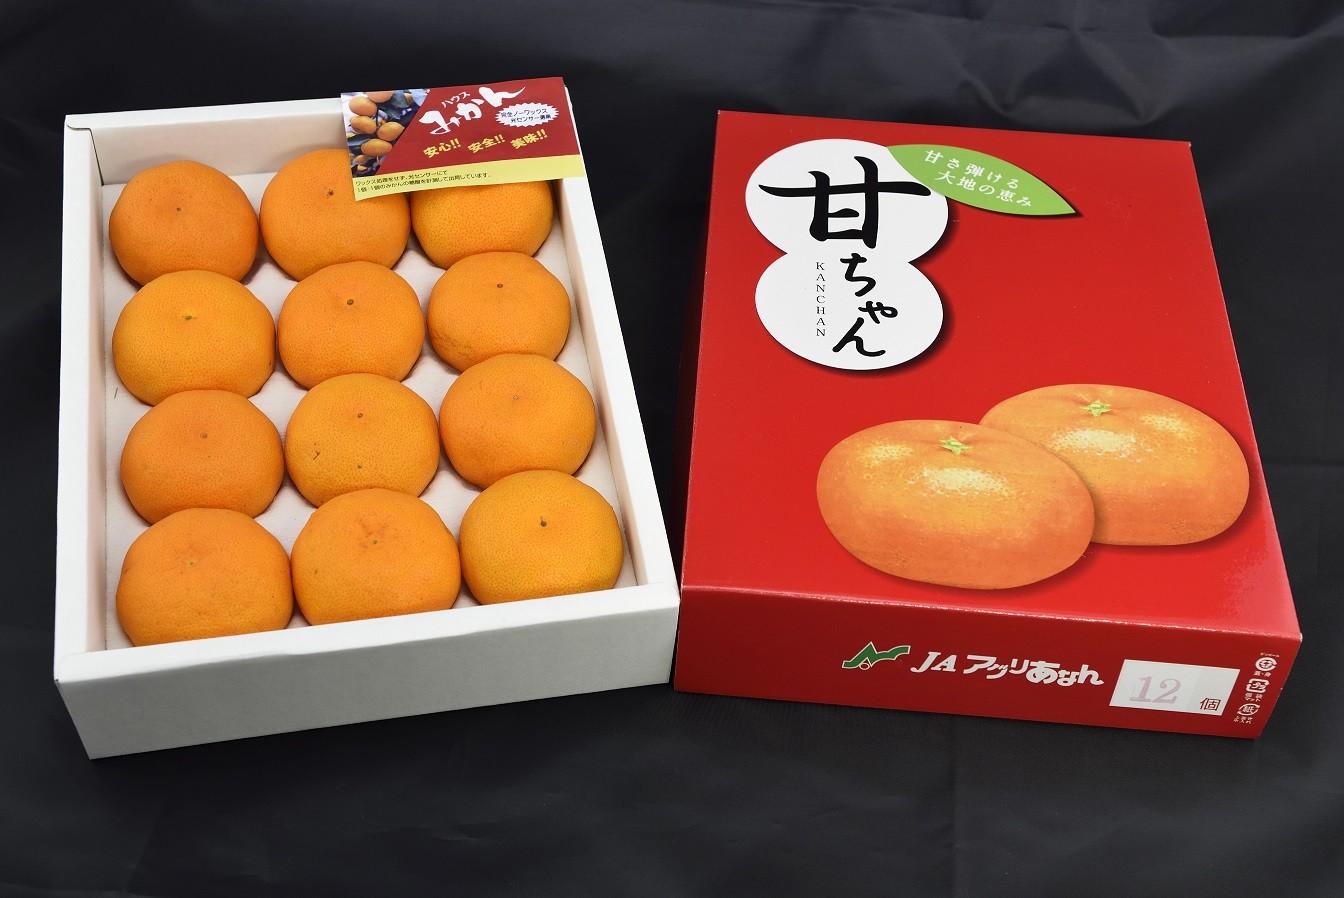 【大會限定特價商品】日本和歌山蜜柑禮盒(12玉/盒)